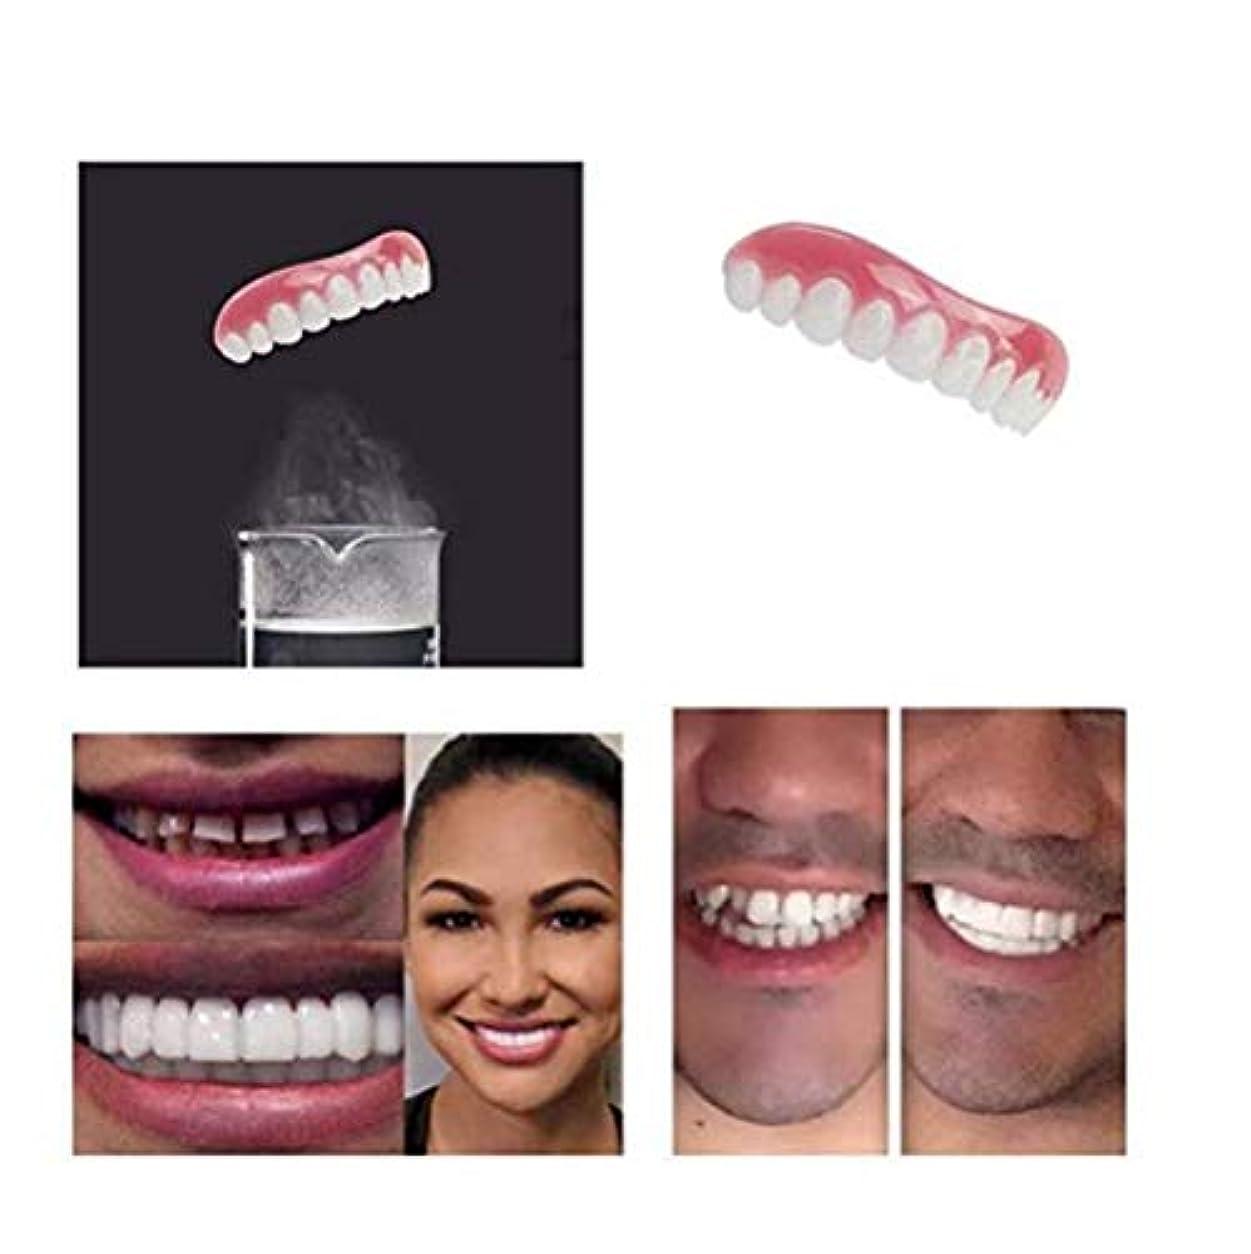 欠伸株式暗殺者快適なフィットフレックス化粧歯義歯歯のトップ化粧ベニアホワイトニングスマイルデンタル